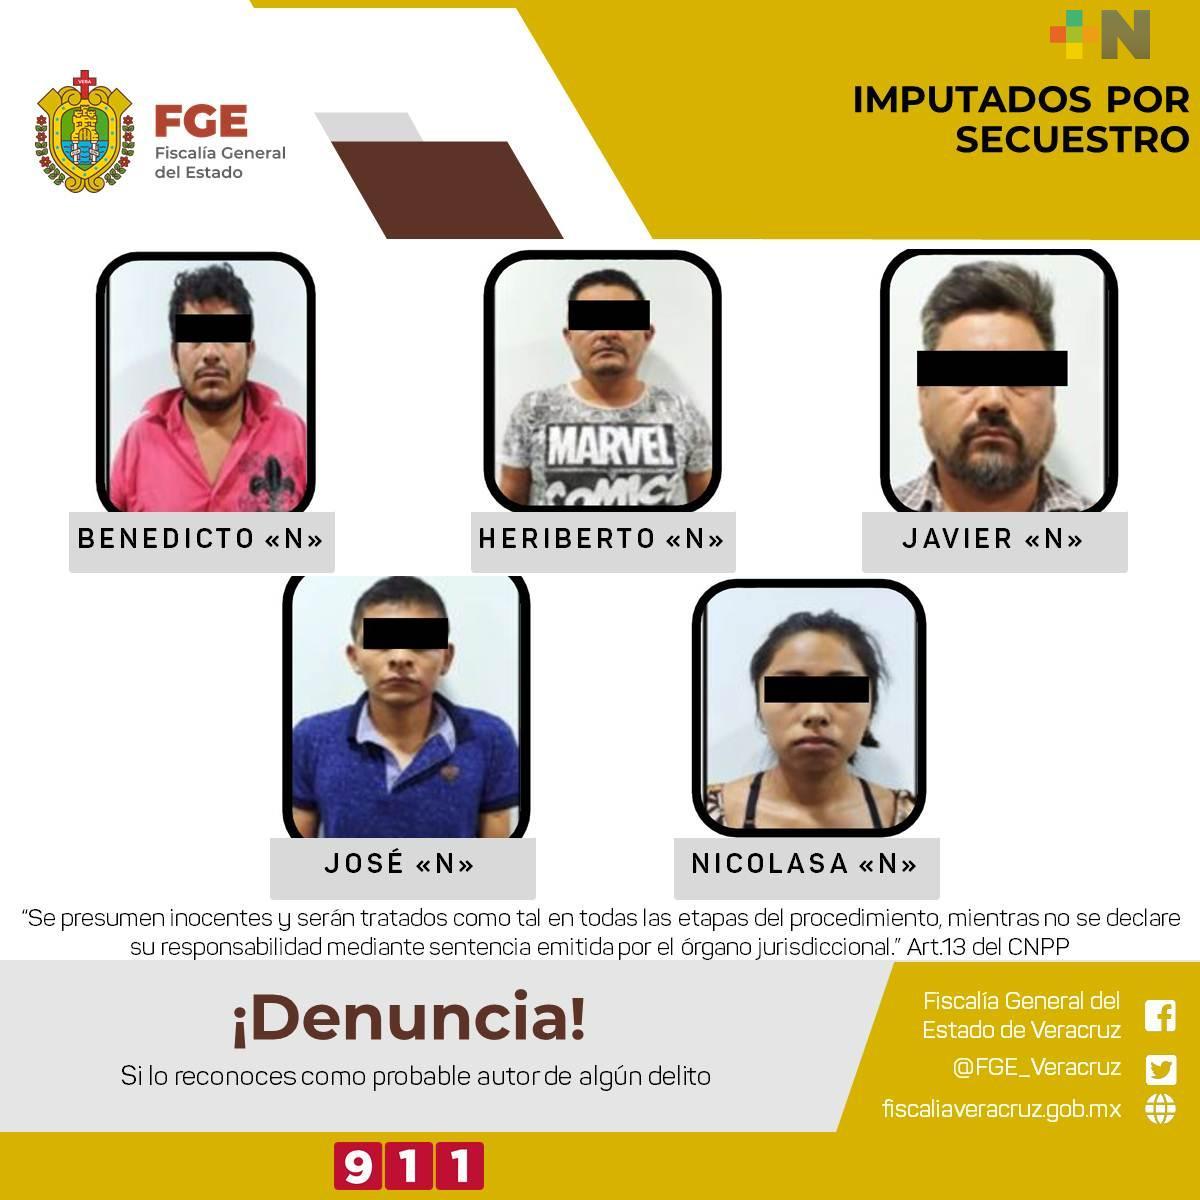 UECS de Fiscalía Veracruz y SSP liberan a víctima de secuestro